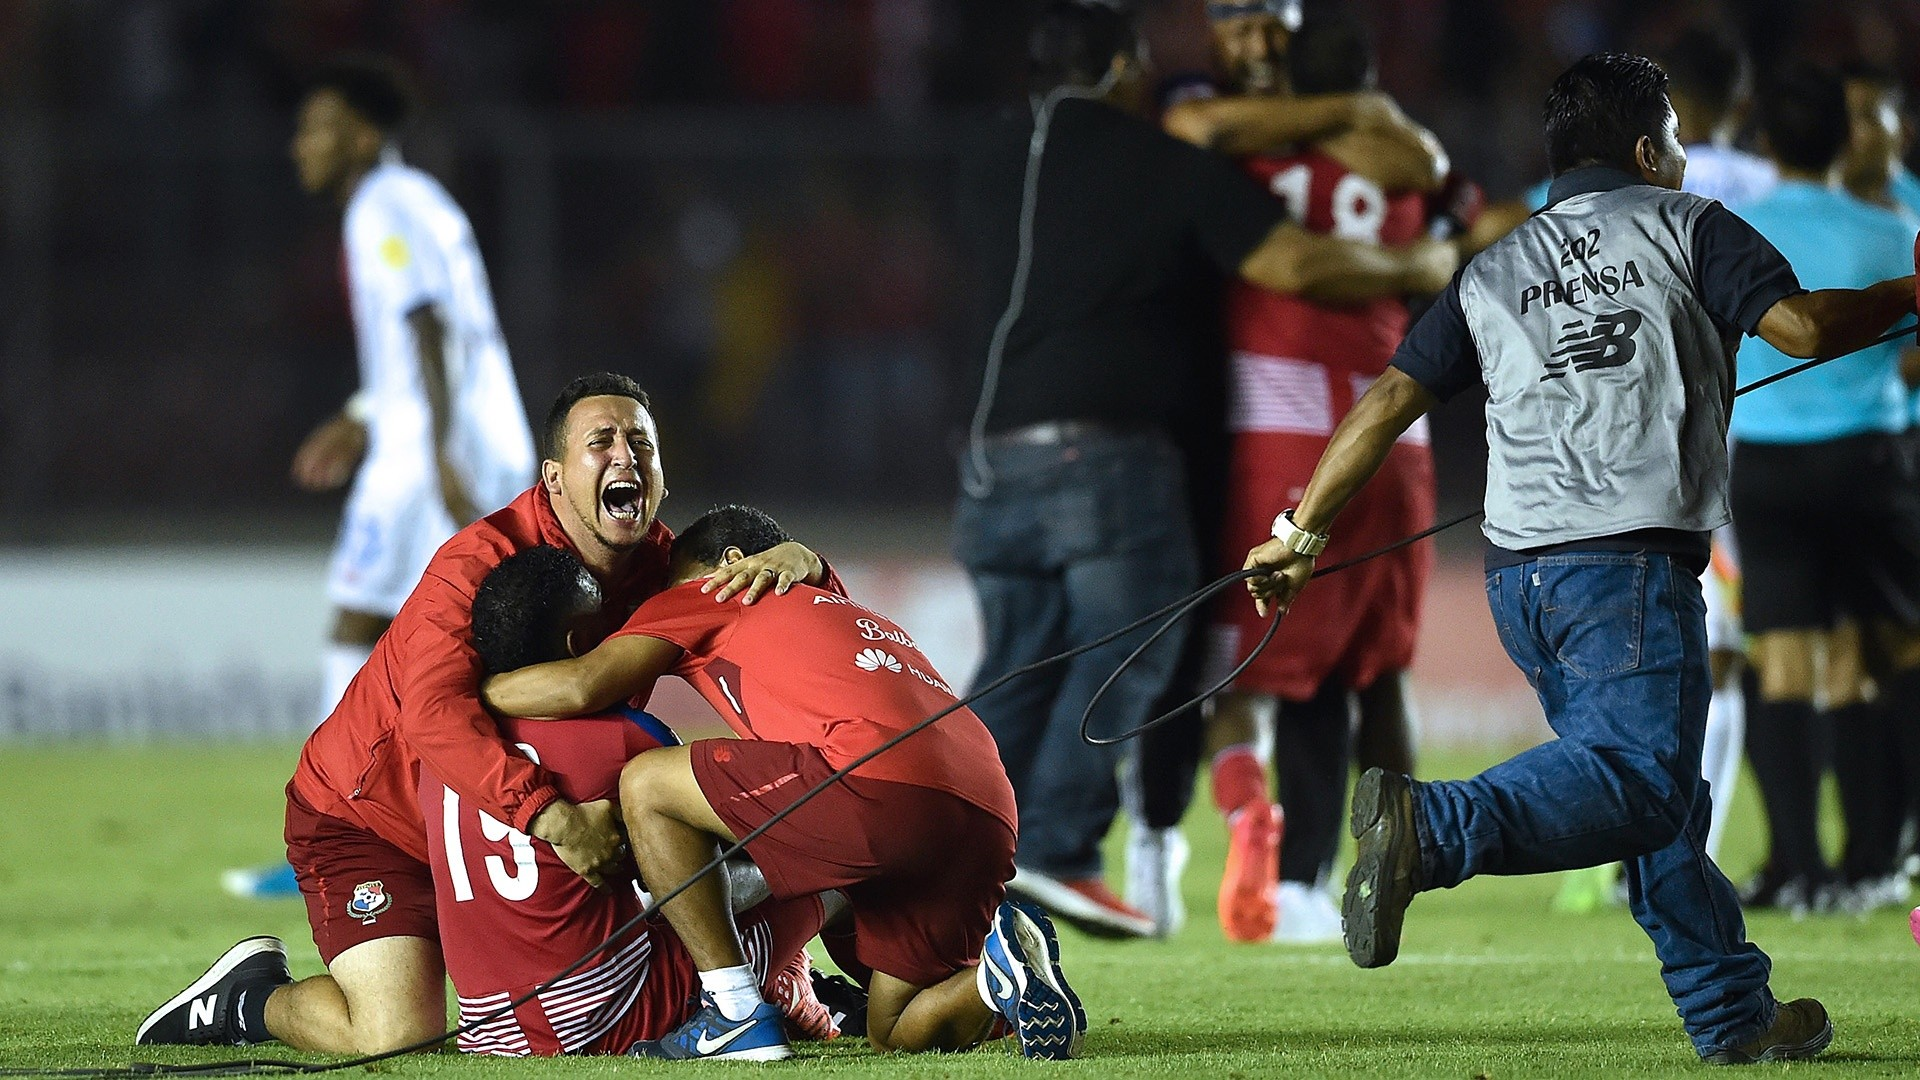 Plantel de jugadores de la Selección Panamá en Rusia 2018